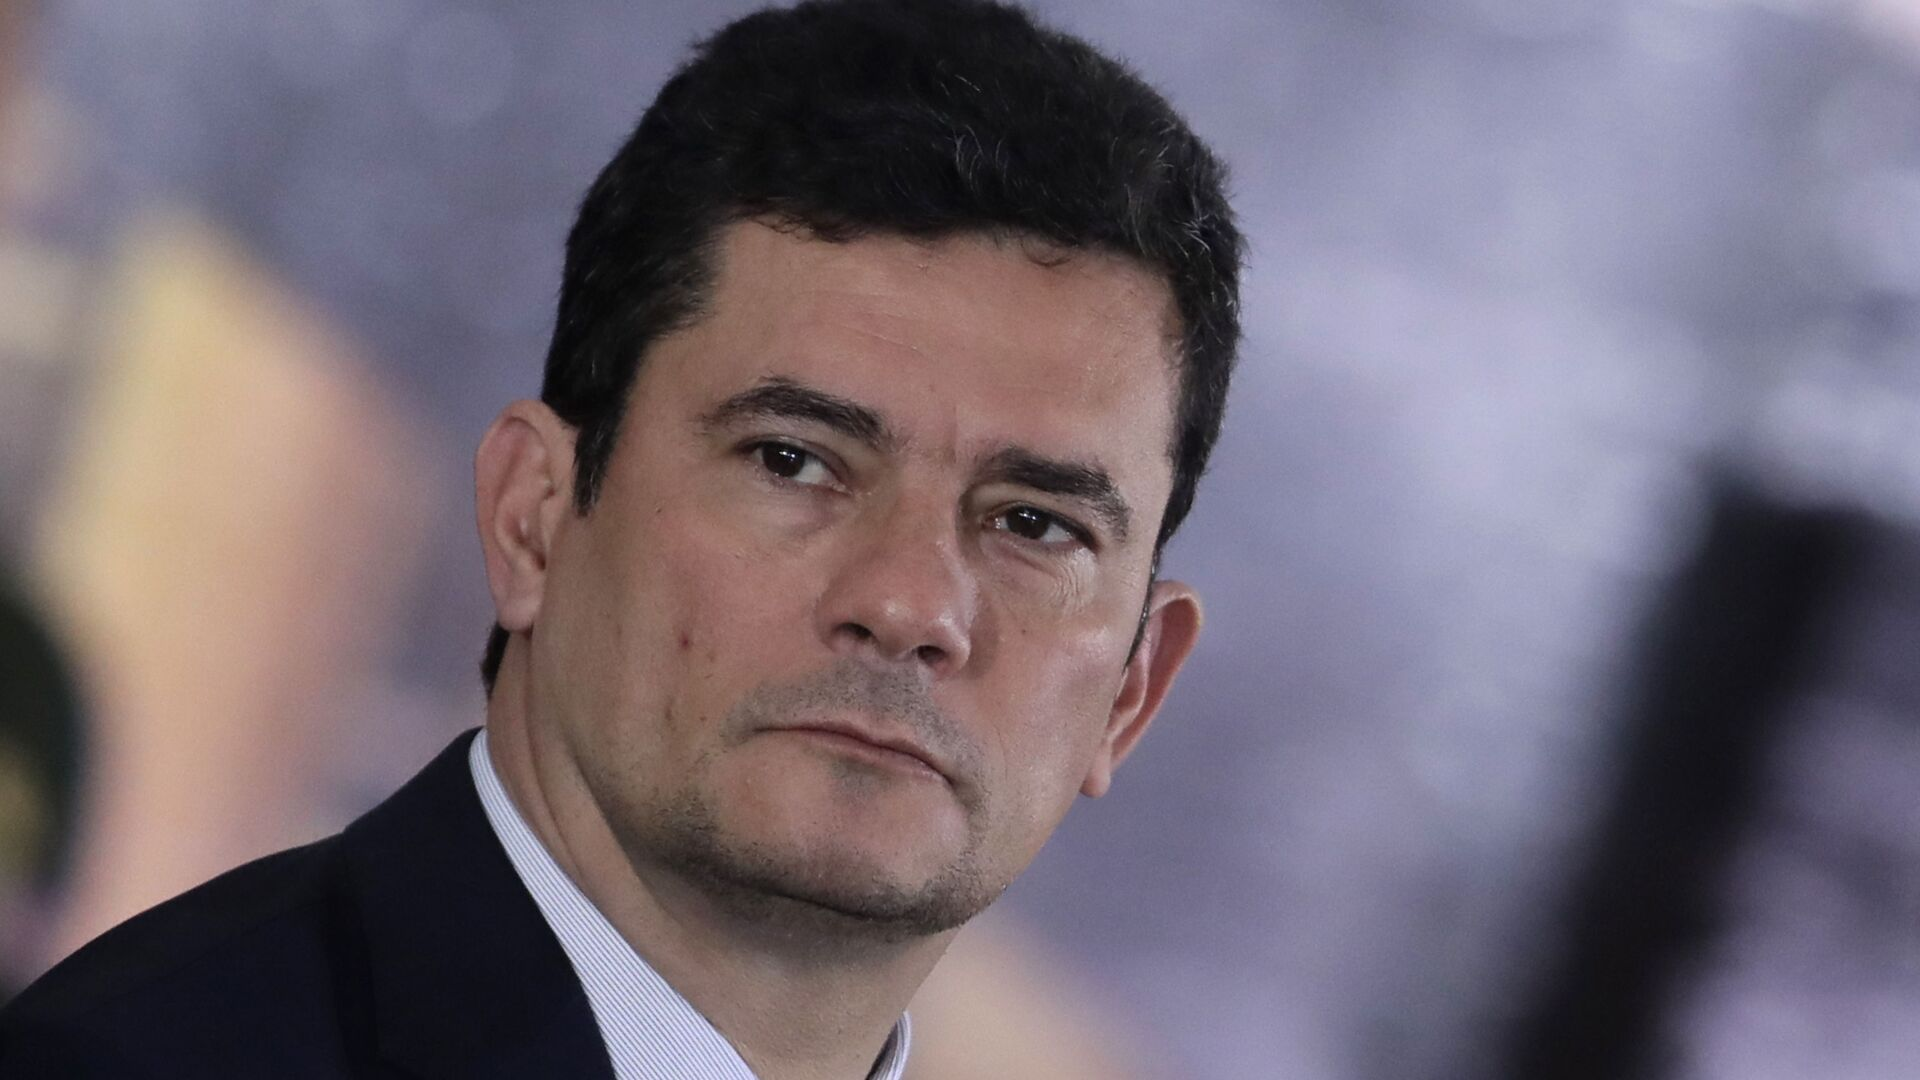 El ministro de Justicia y Seguridad Pública de Brasil, Sérgio Moro - Sputnik Mundo, 1920, 08.09.2021